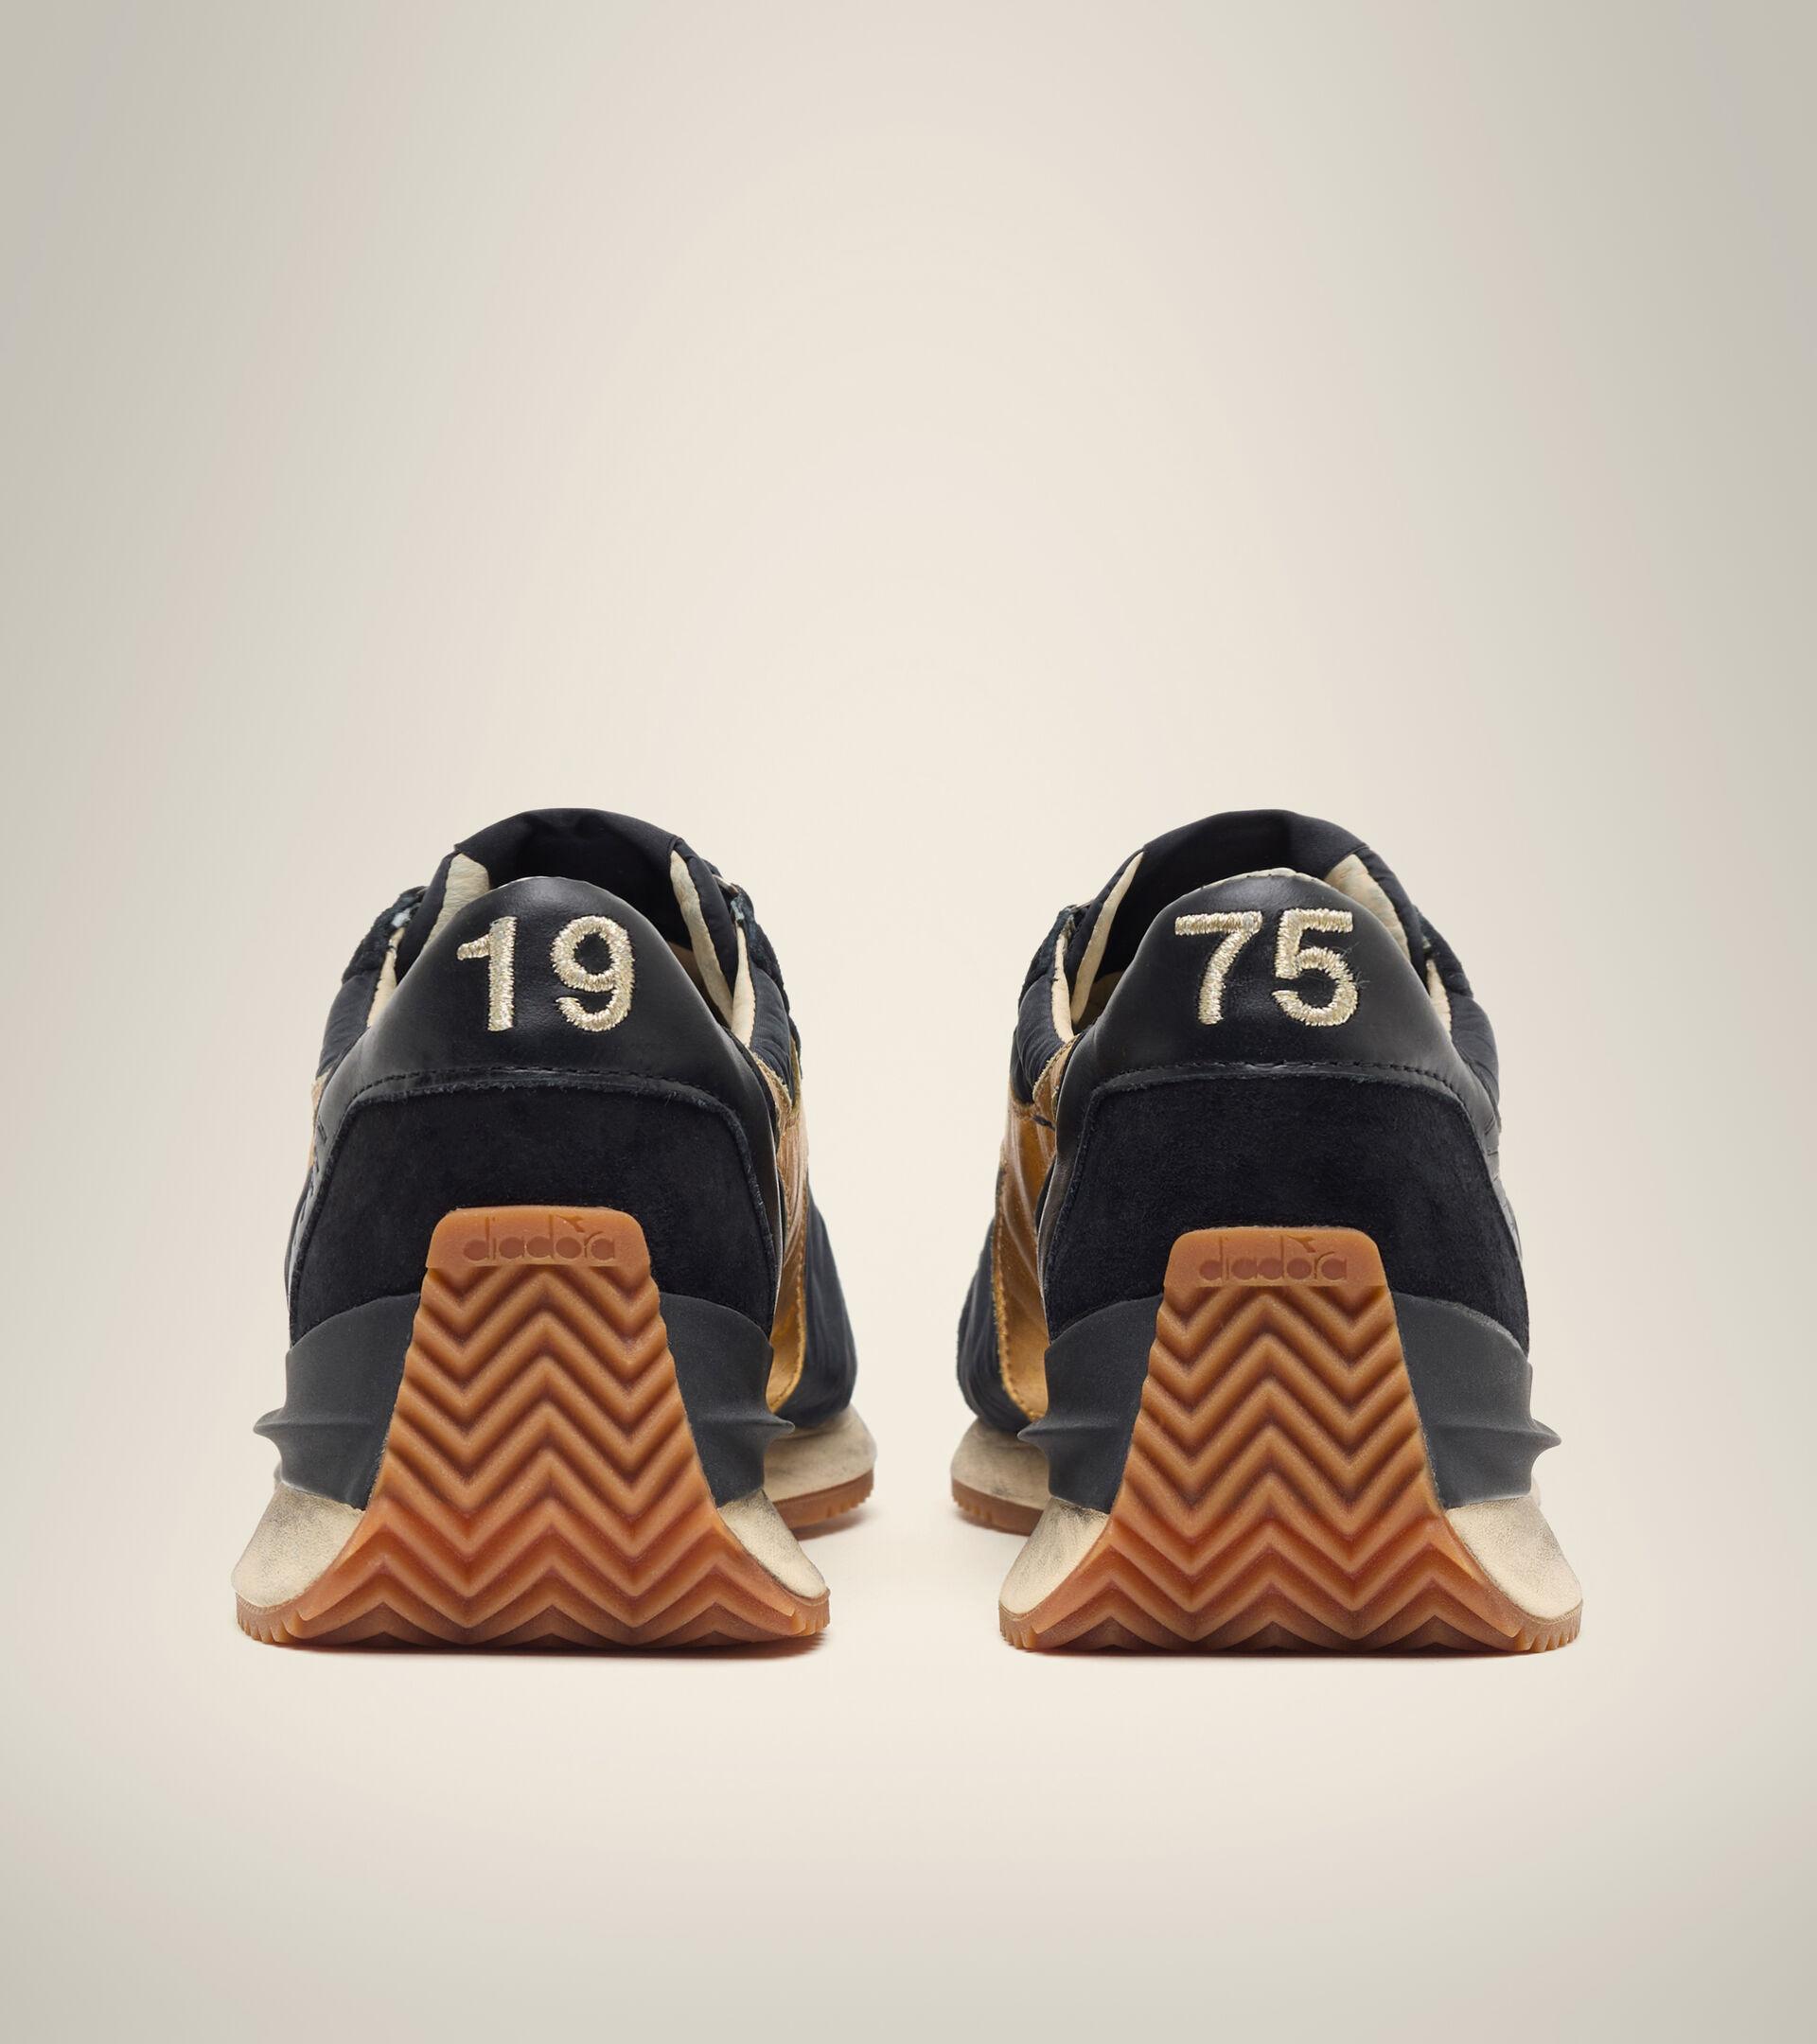 Zapatillas Heritage Made in Italy - Mujer EQUIPE MAD ITALIA LUNA WN NEGRO - Diadora